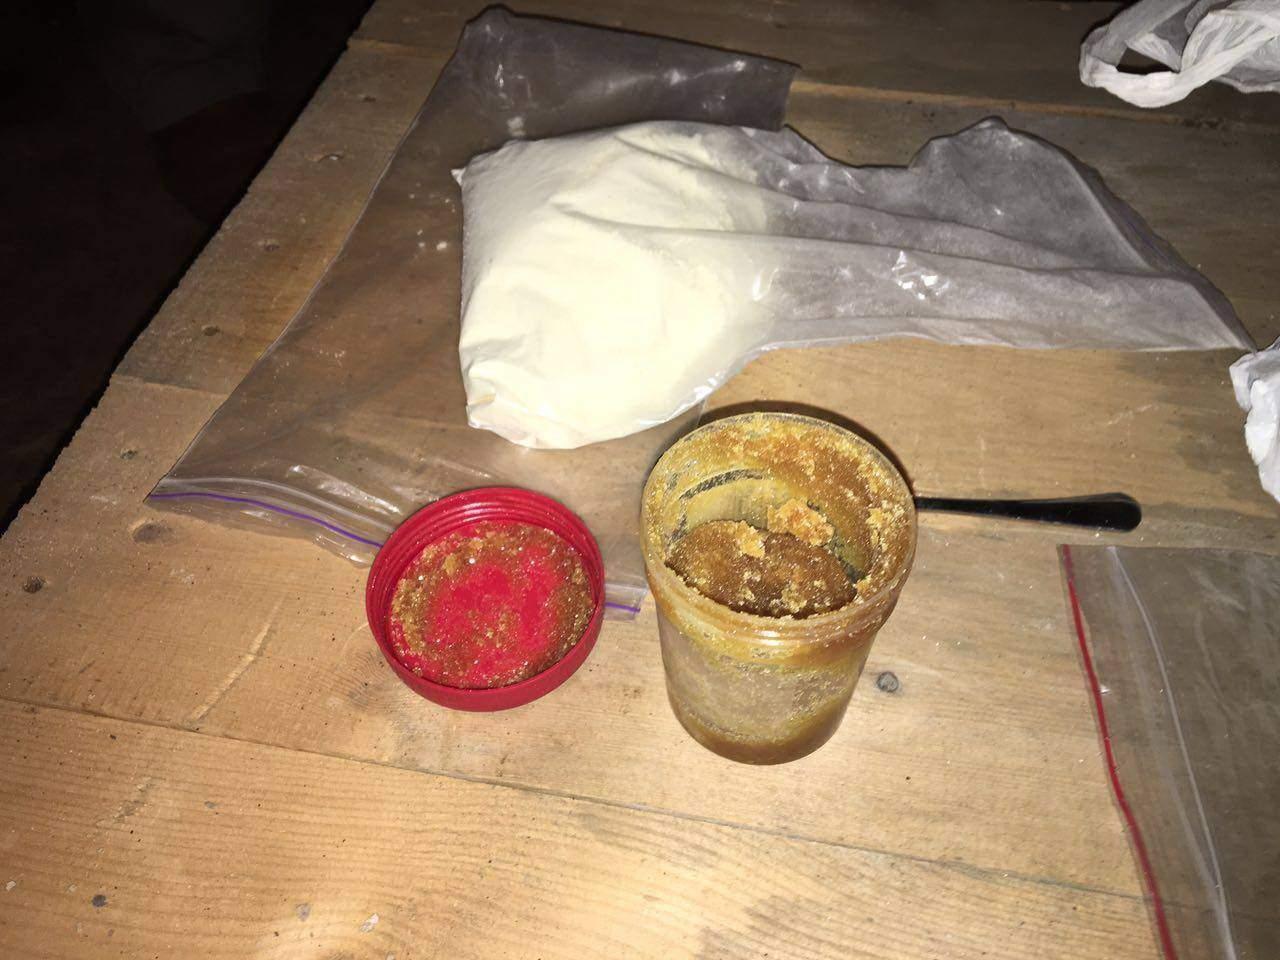 СБУ ликвидировала реализаторов «тяжелых» наркотиков в Украине (фото)